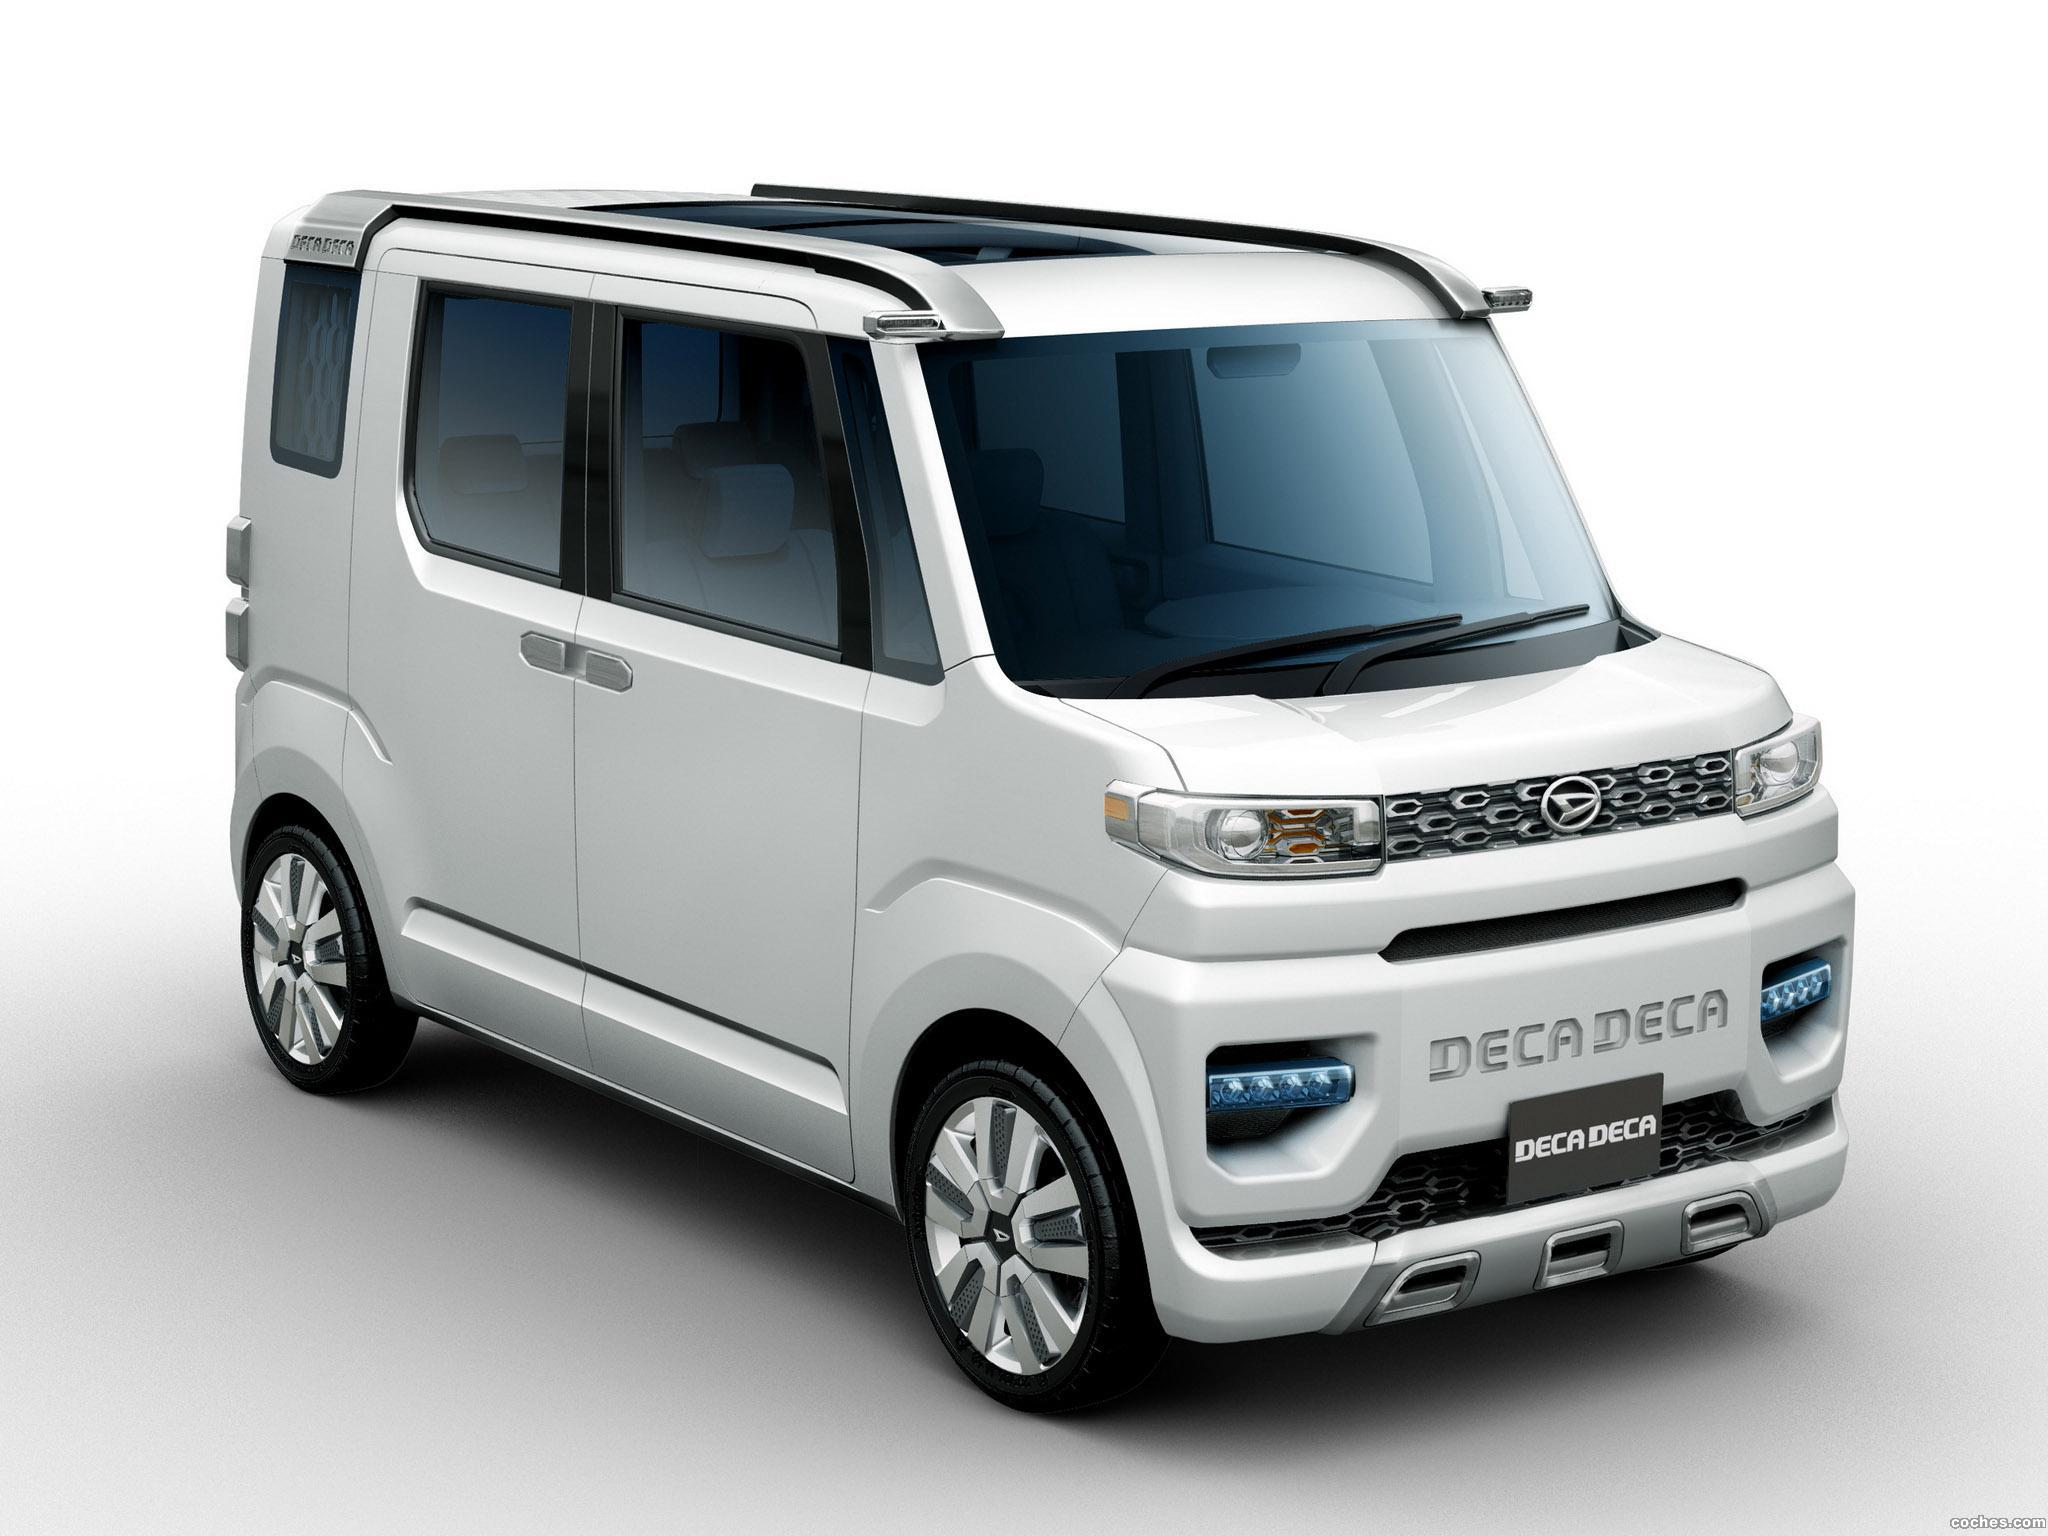 Foto 0 de Daihatsu Deca Concept 2013